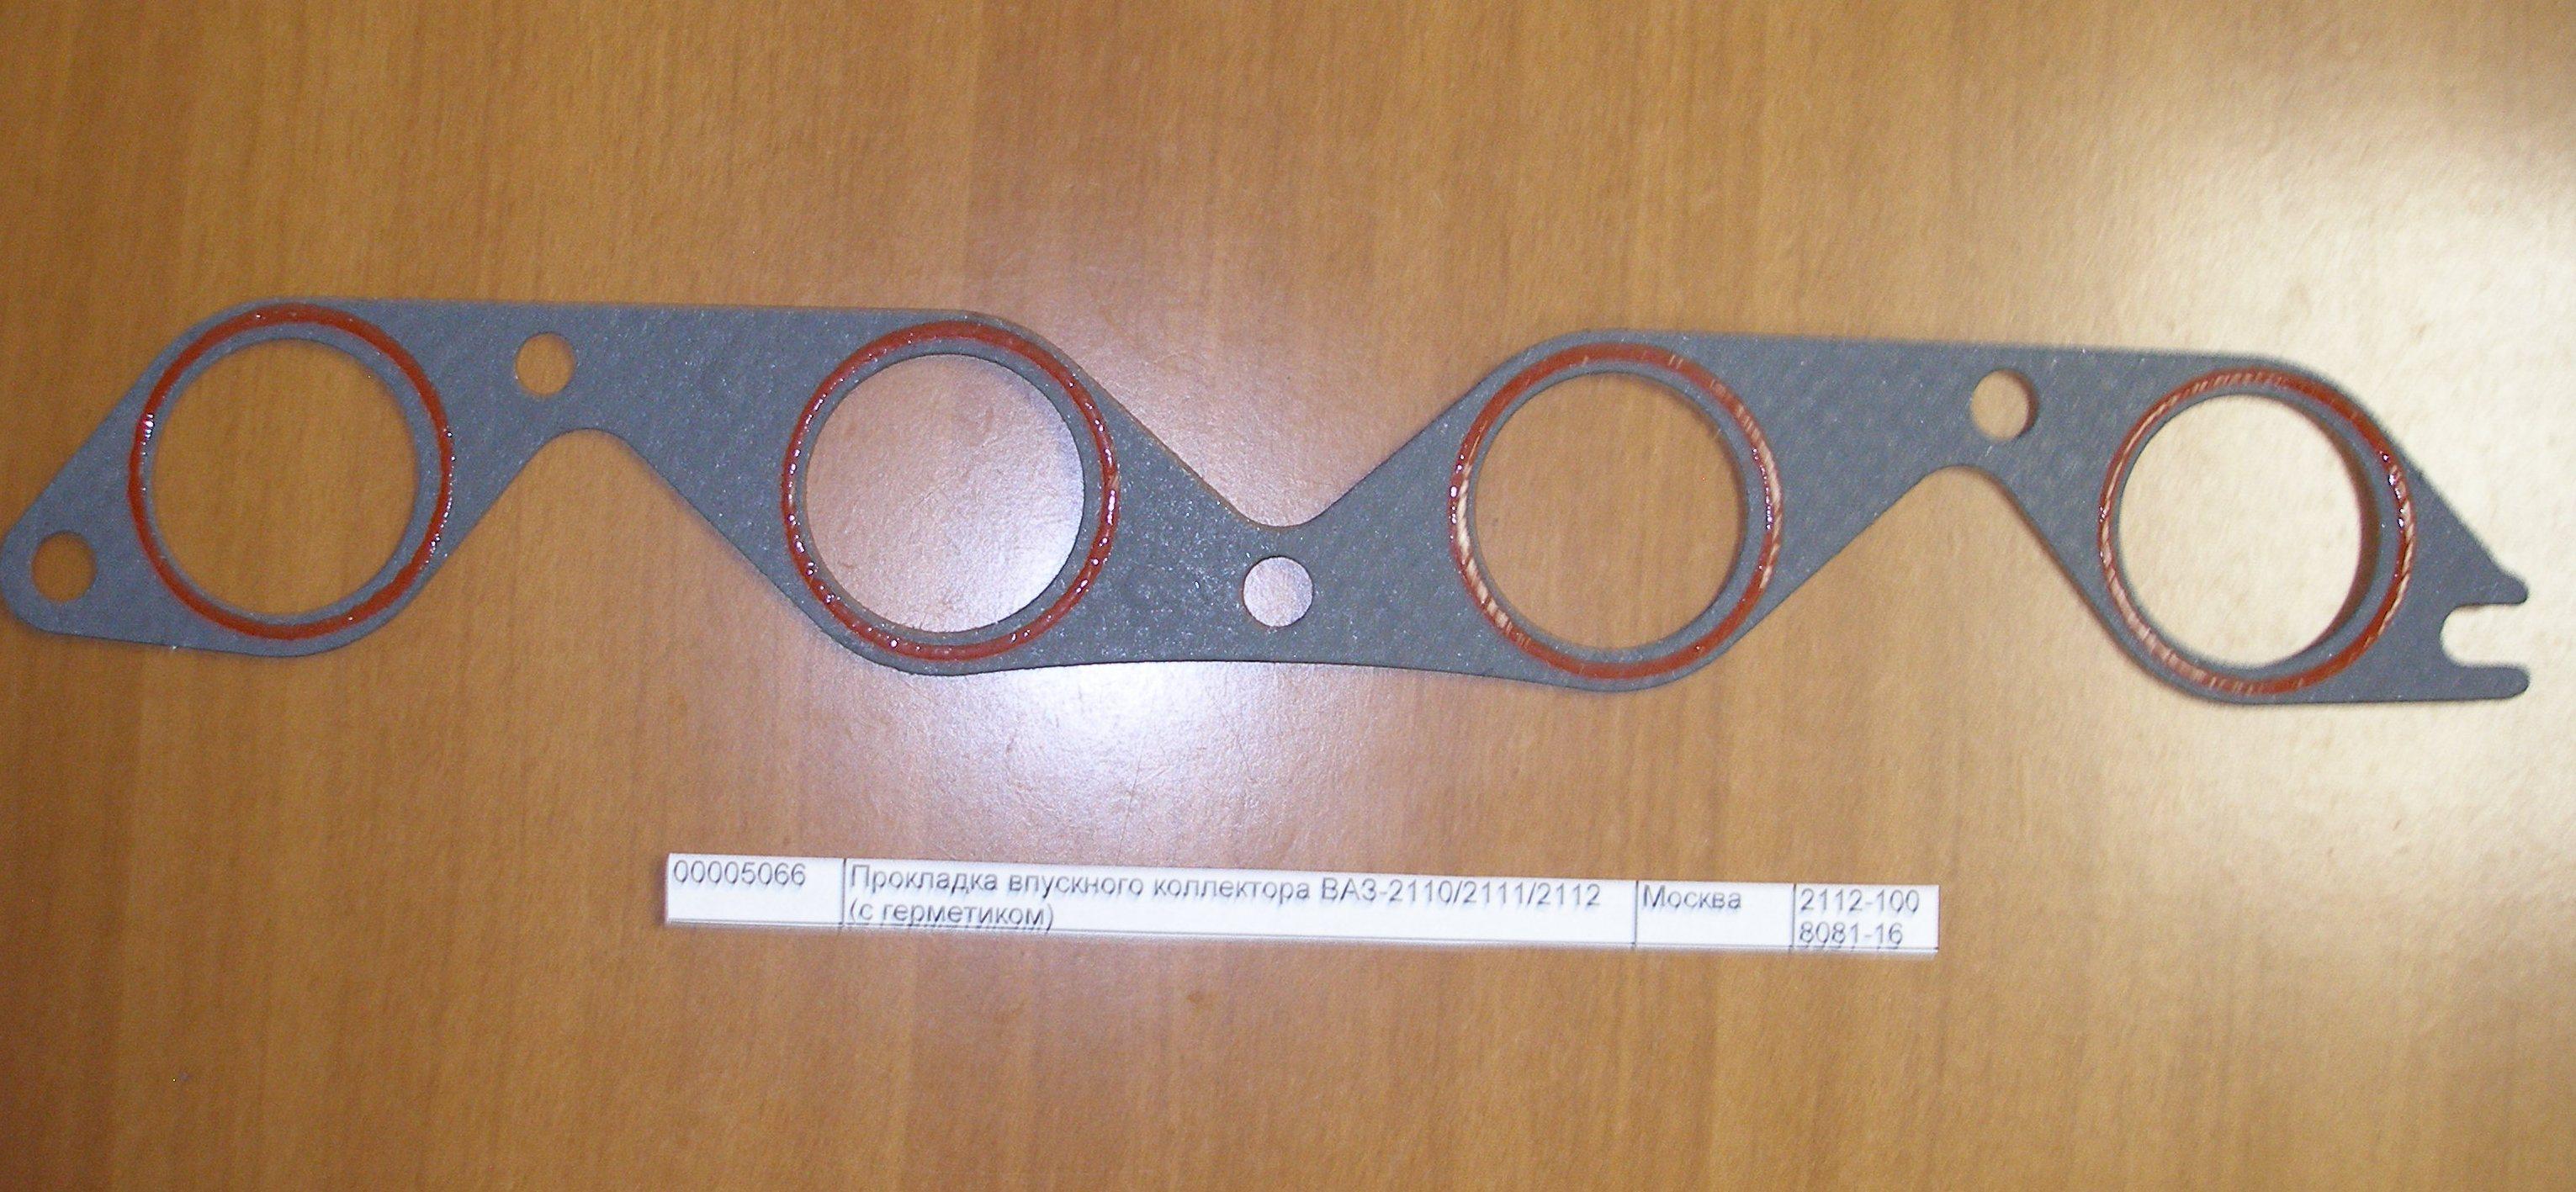 Фото №9 - замена прокладки впускного коллектора ВАЗ 2110